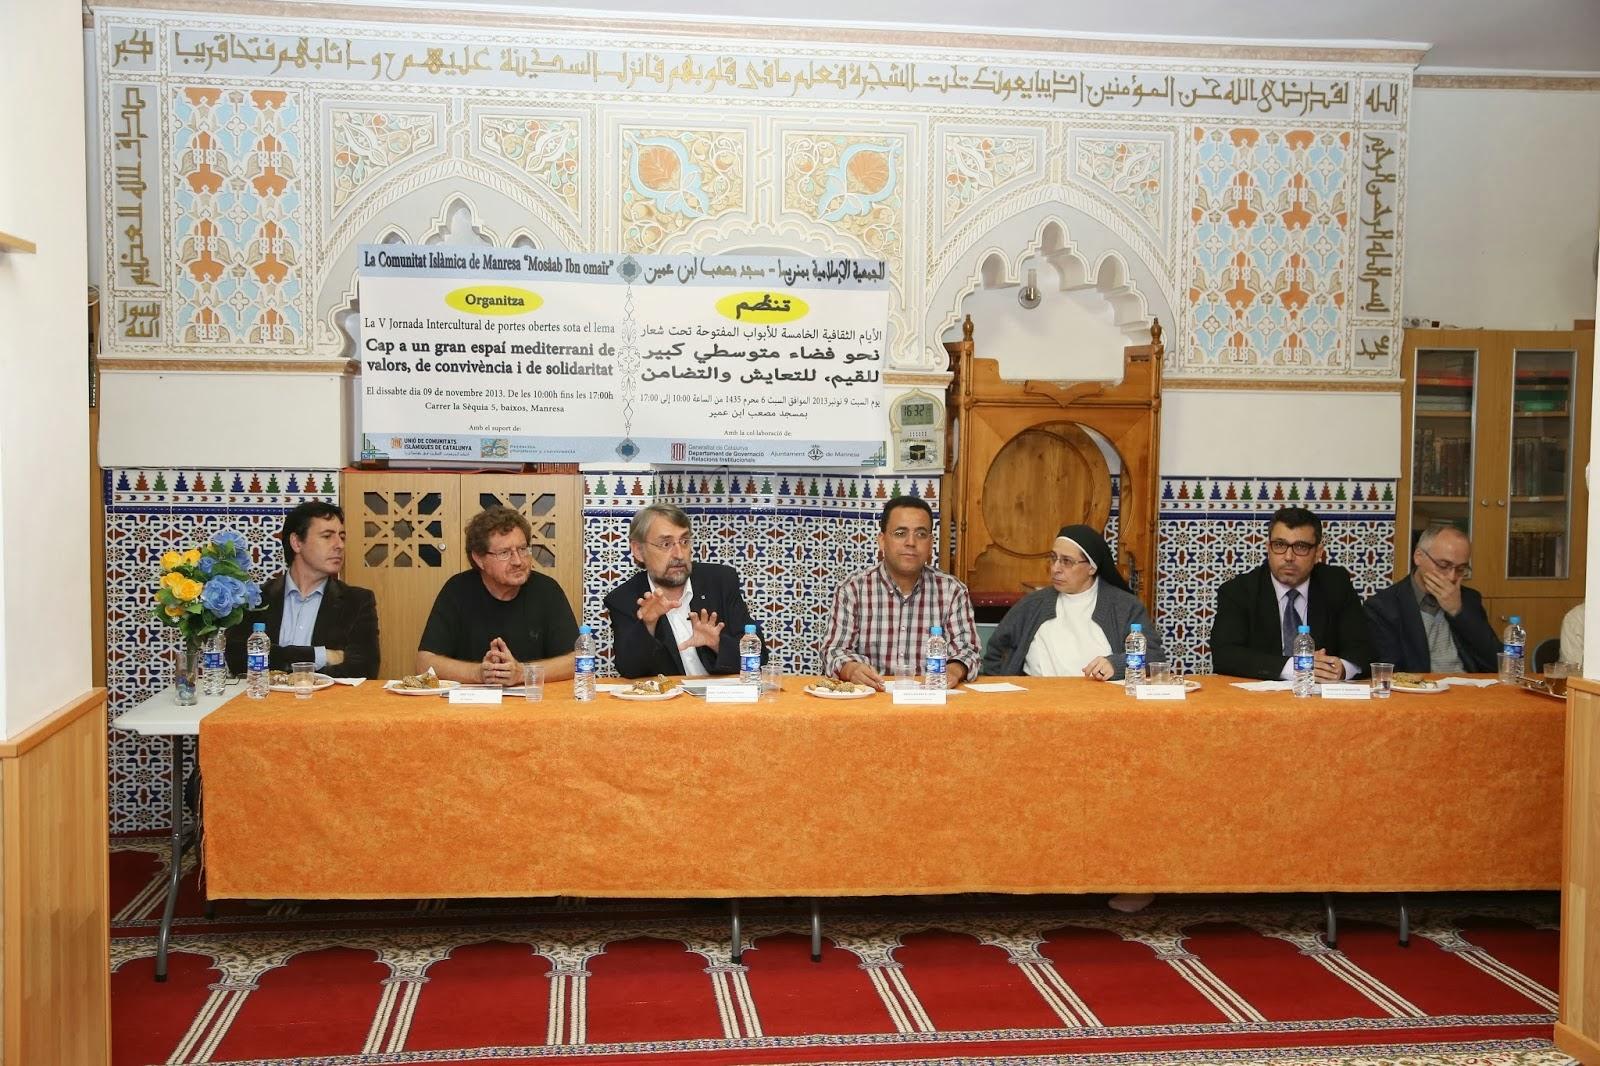 La Comunidad Islámica de Manresa organiza la quinta jornada intercultural de puertas abiertas